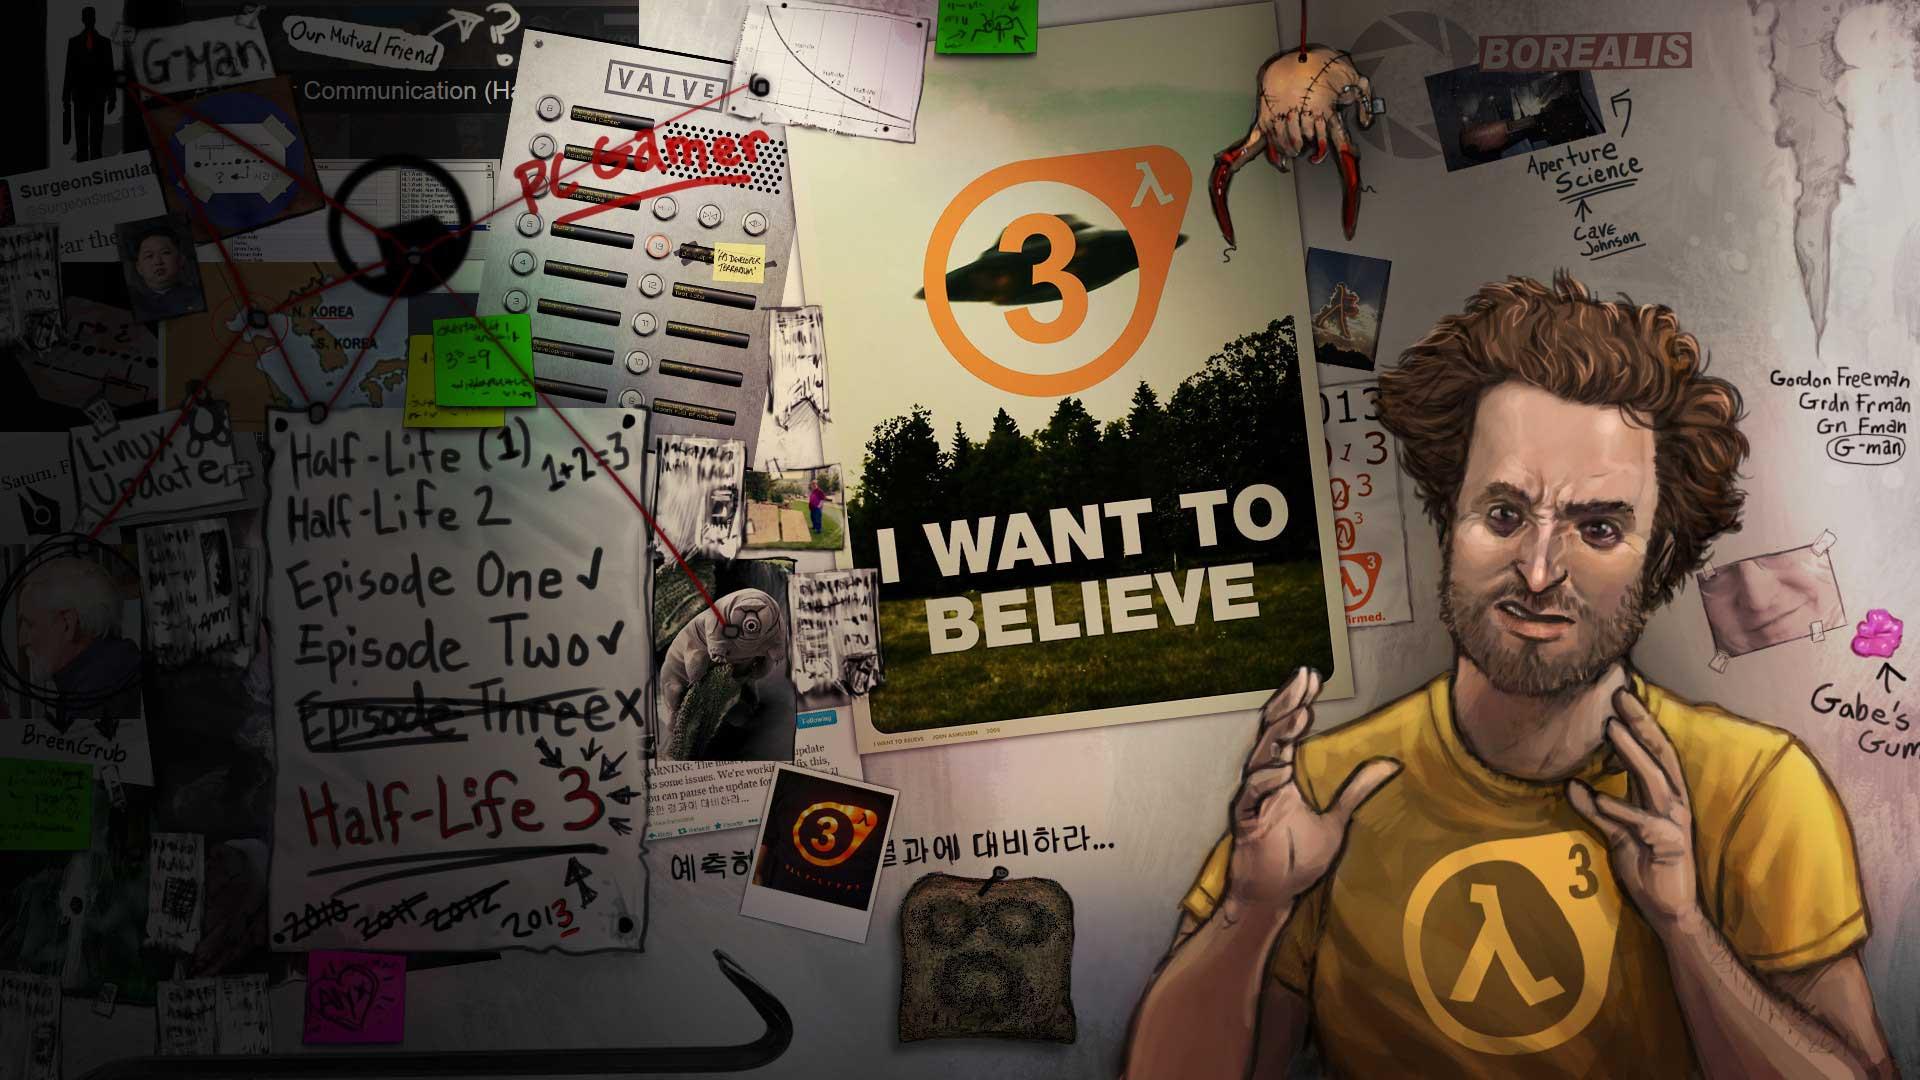 Valve parece emocionada con la posibilidad de desarrollar Half Life 3 2